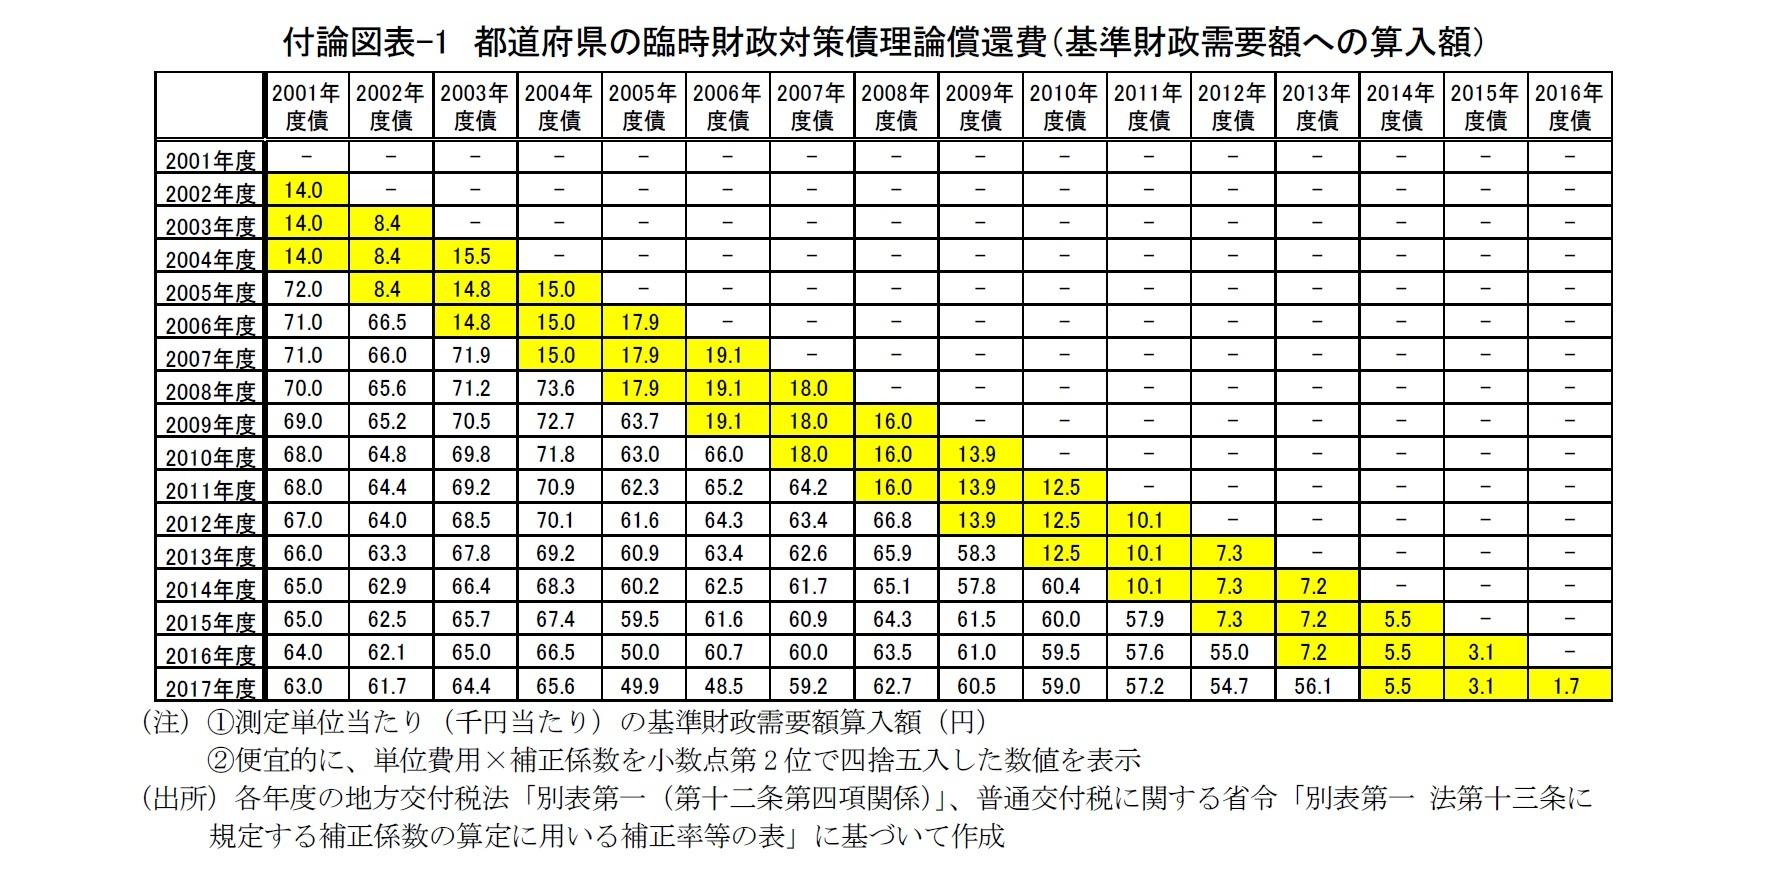 付論図表-1 都道府県の臨時財政対策債理論償還費(基準財政需要額への算入額)